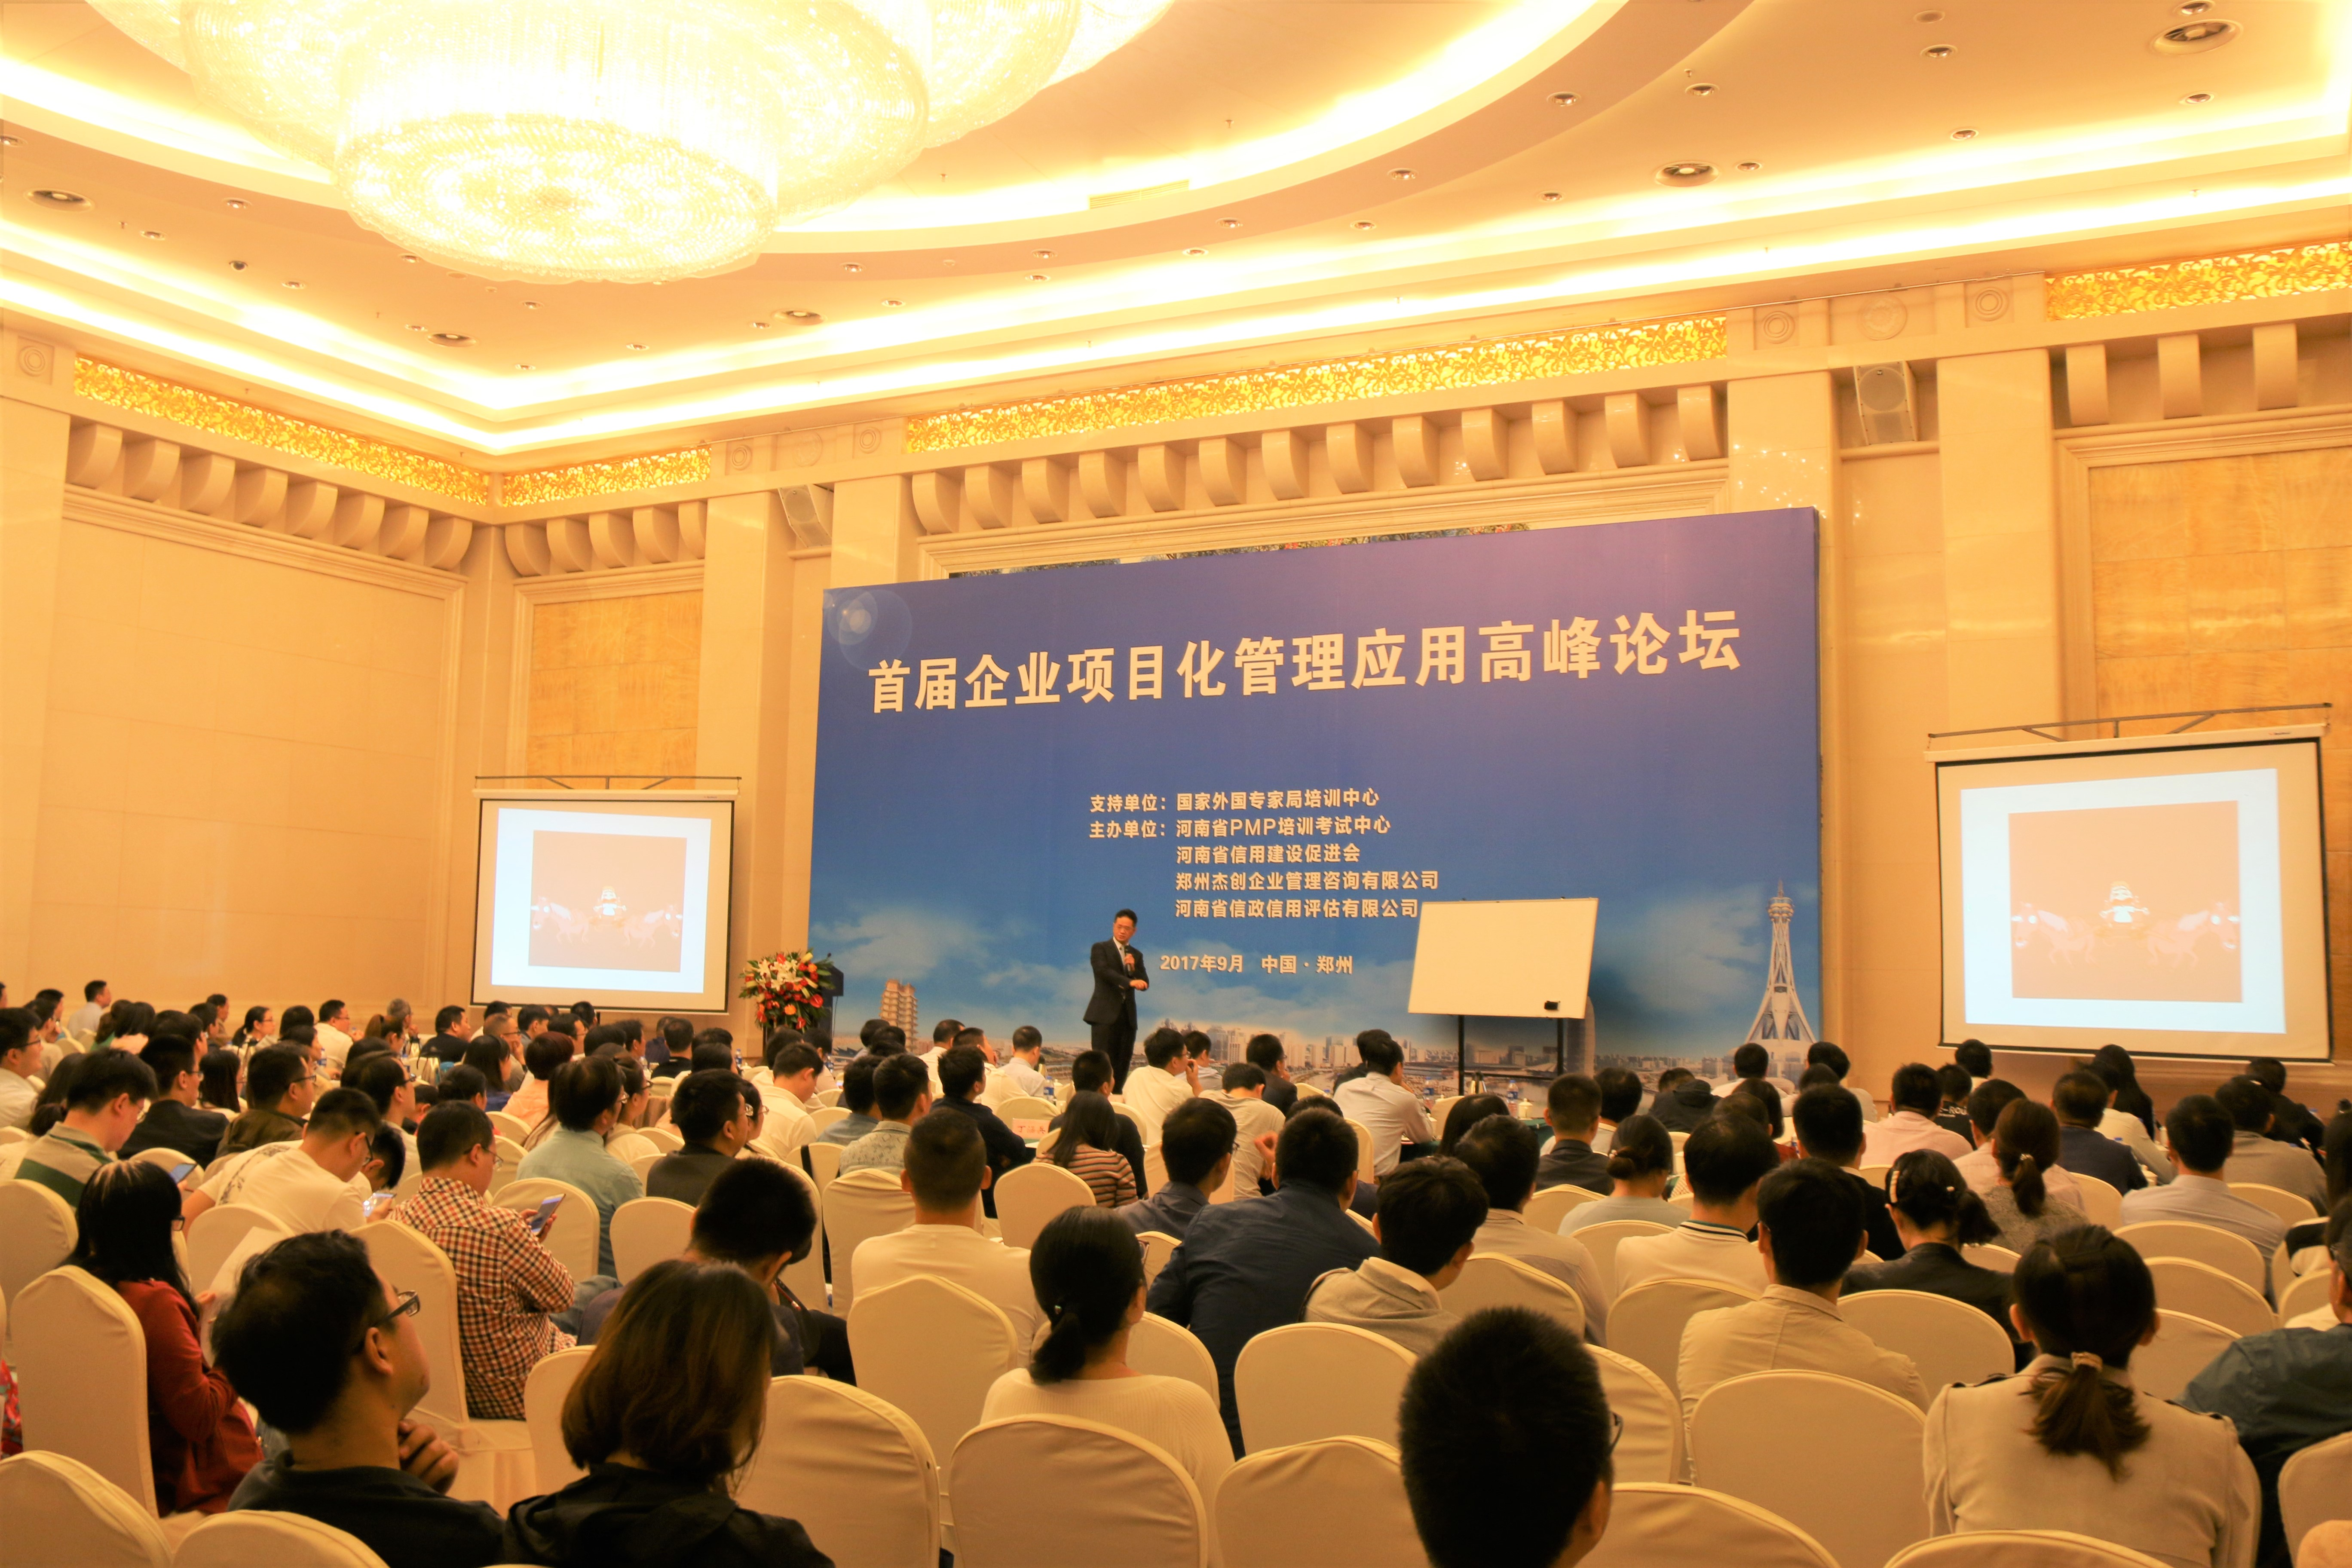 河南省首屆項目化管理應用高峰論壇